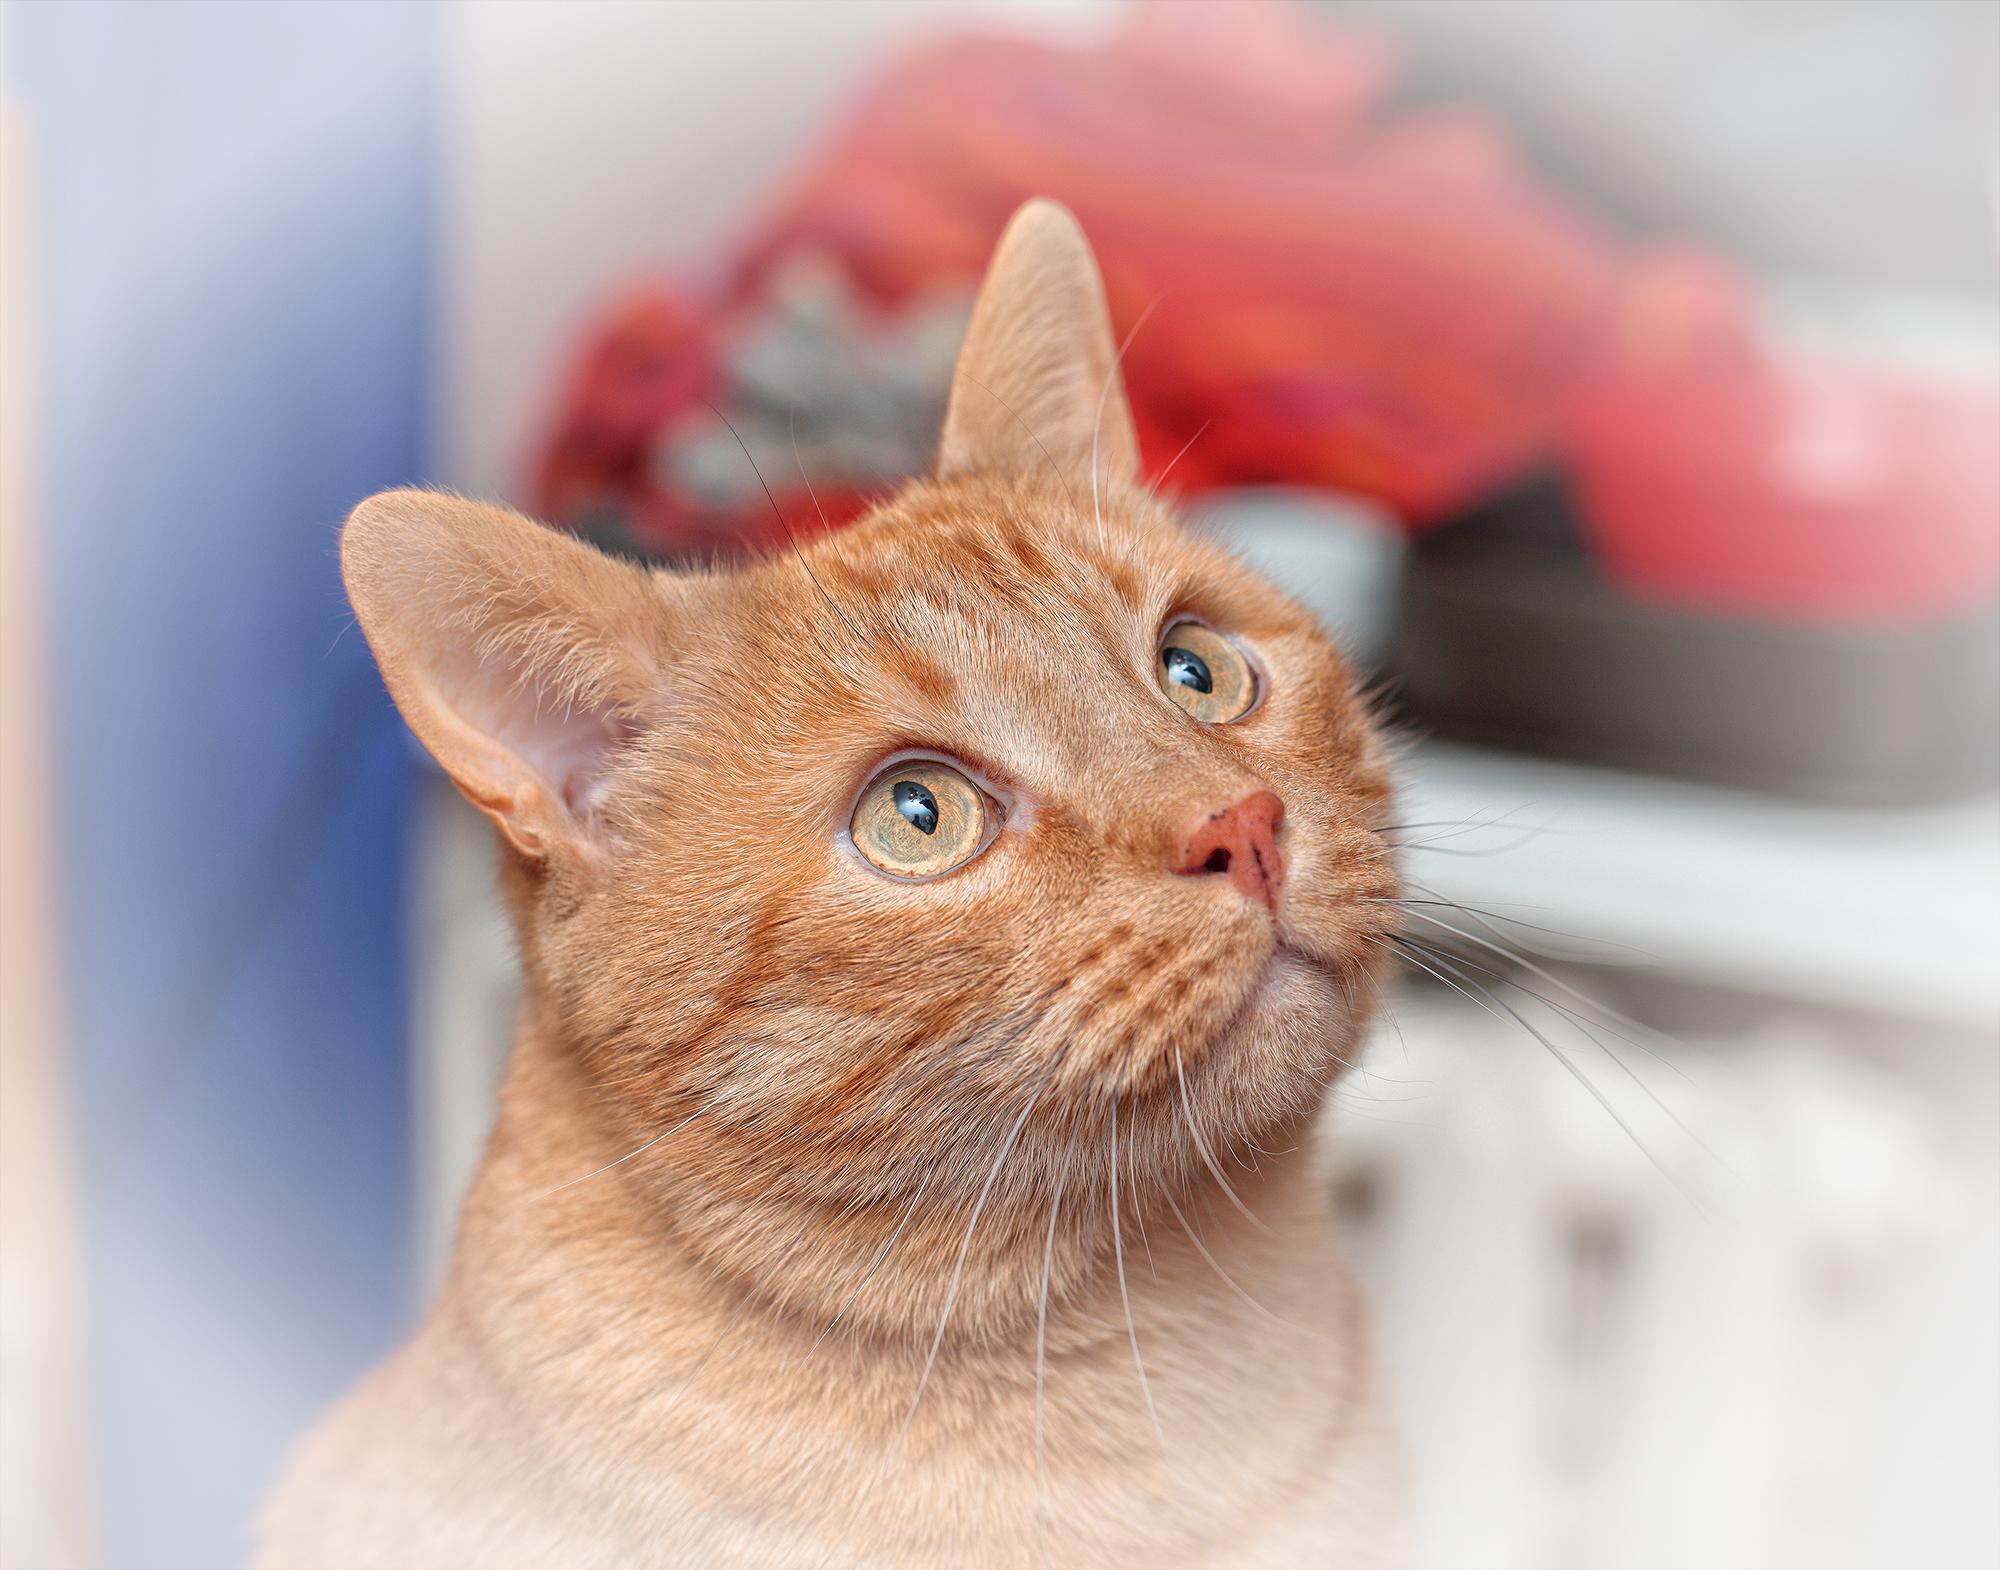 monotype, lesson, Master Class, silk, paint, workshop, hand print, монотипия, мастер-класс, семинар, урок, ручная печать, ткань, принт, шелк, рабочий процесс, work process, cat, orange, рыжий кот за работой